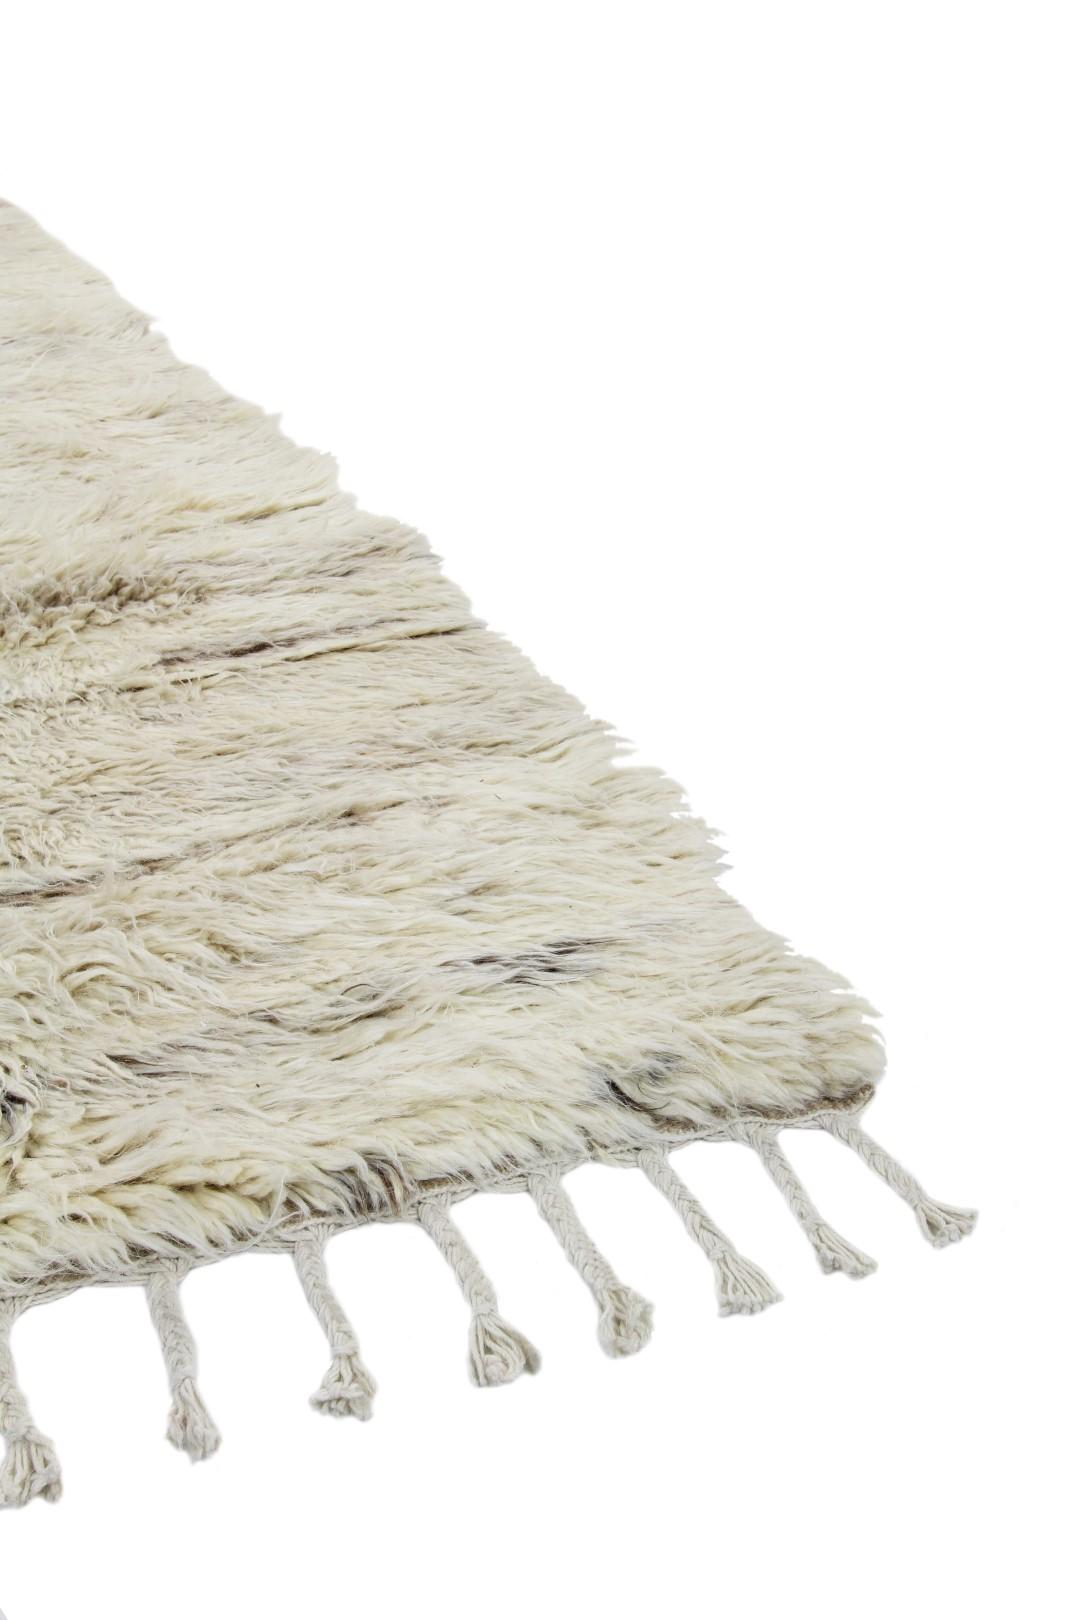 Vloerkleed Brinker Afghano White Natural | 170 x 230 cm